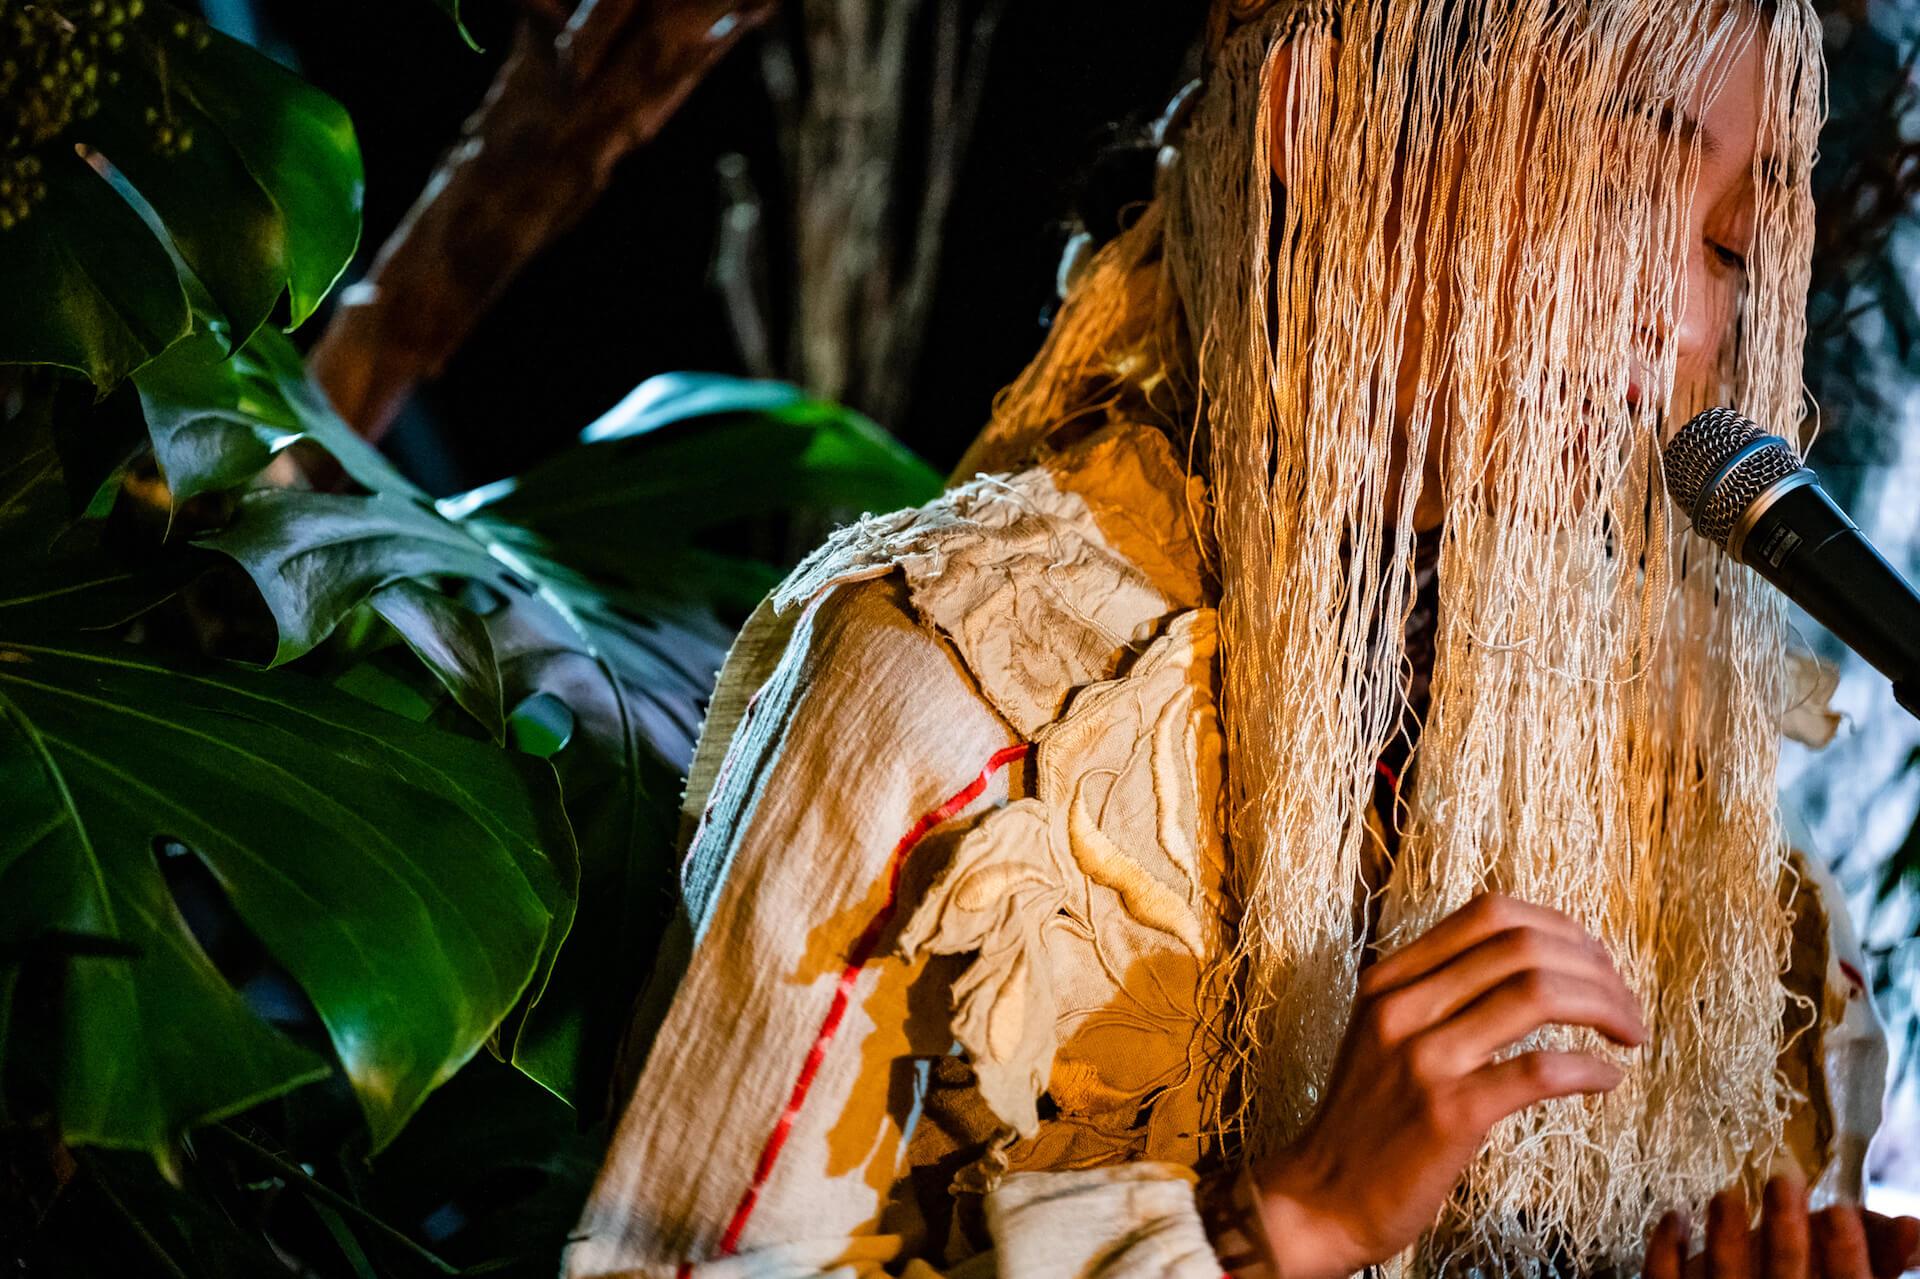 YAKUSHIMA TREASUREの死生観とポストコロナの表現|屋久島の原生林でのライヴ作品『ANOTHER LIVE』に迫る music210219_yakushimatreasure_26